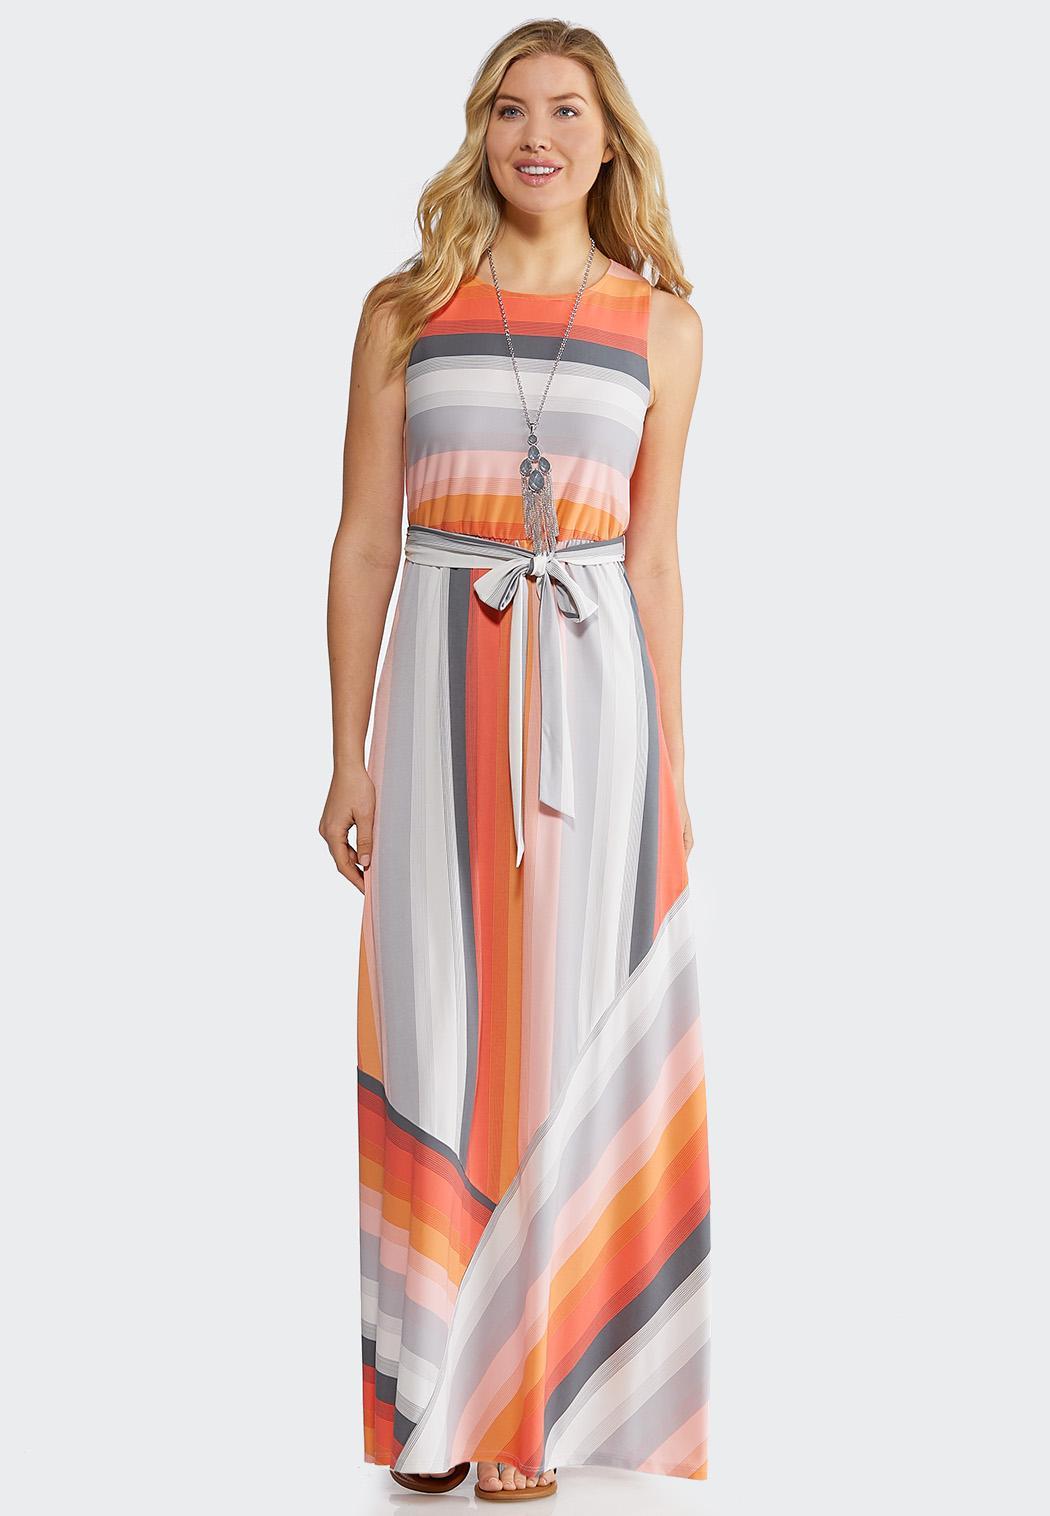 740ba3afcd3 Petite Multi Stripe Maxi Dress Junior Misses Cato Fashions